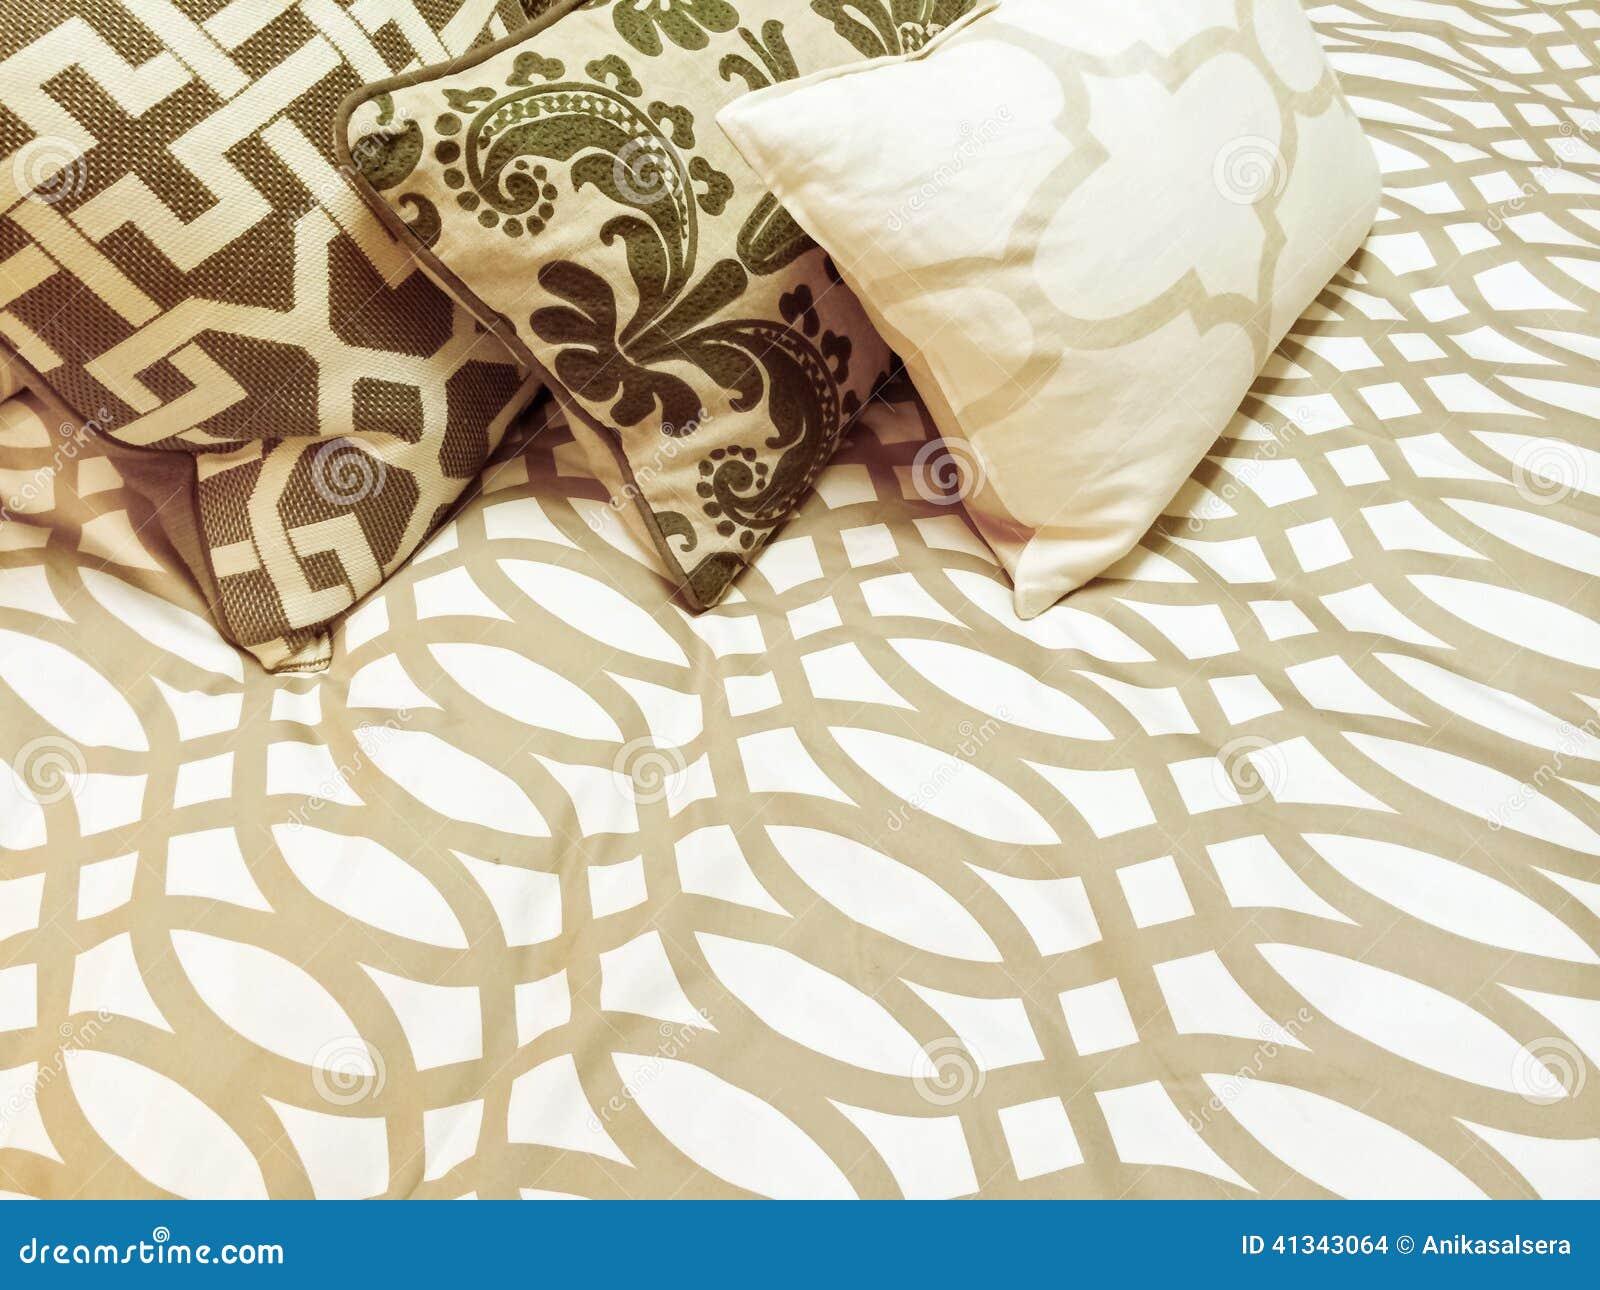 dekorative kissen auf einem bett stockfoto bild 41343064. Black Bedroom Furniture Sets. Home Design Ideas